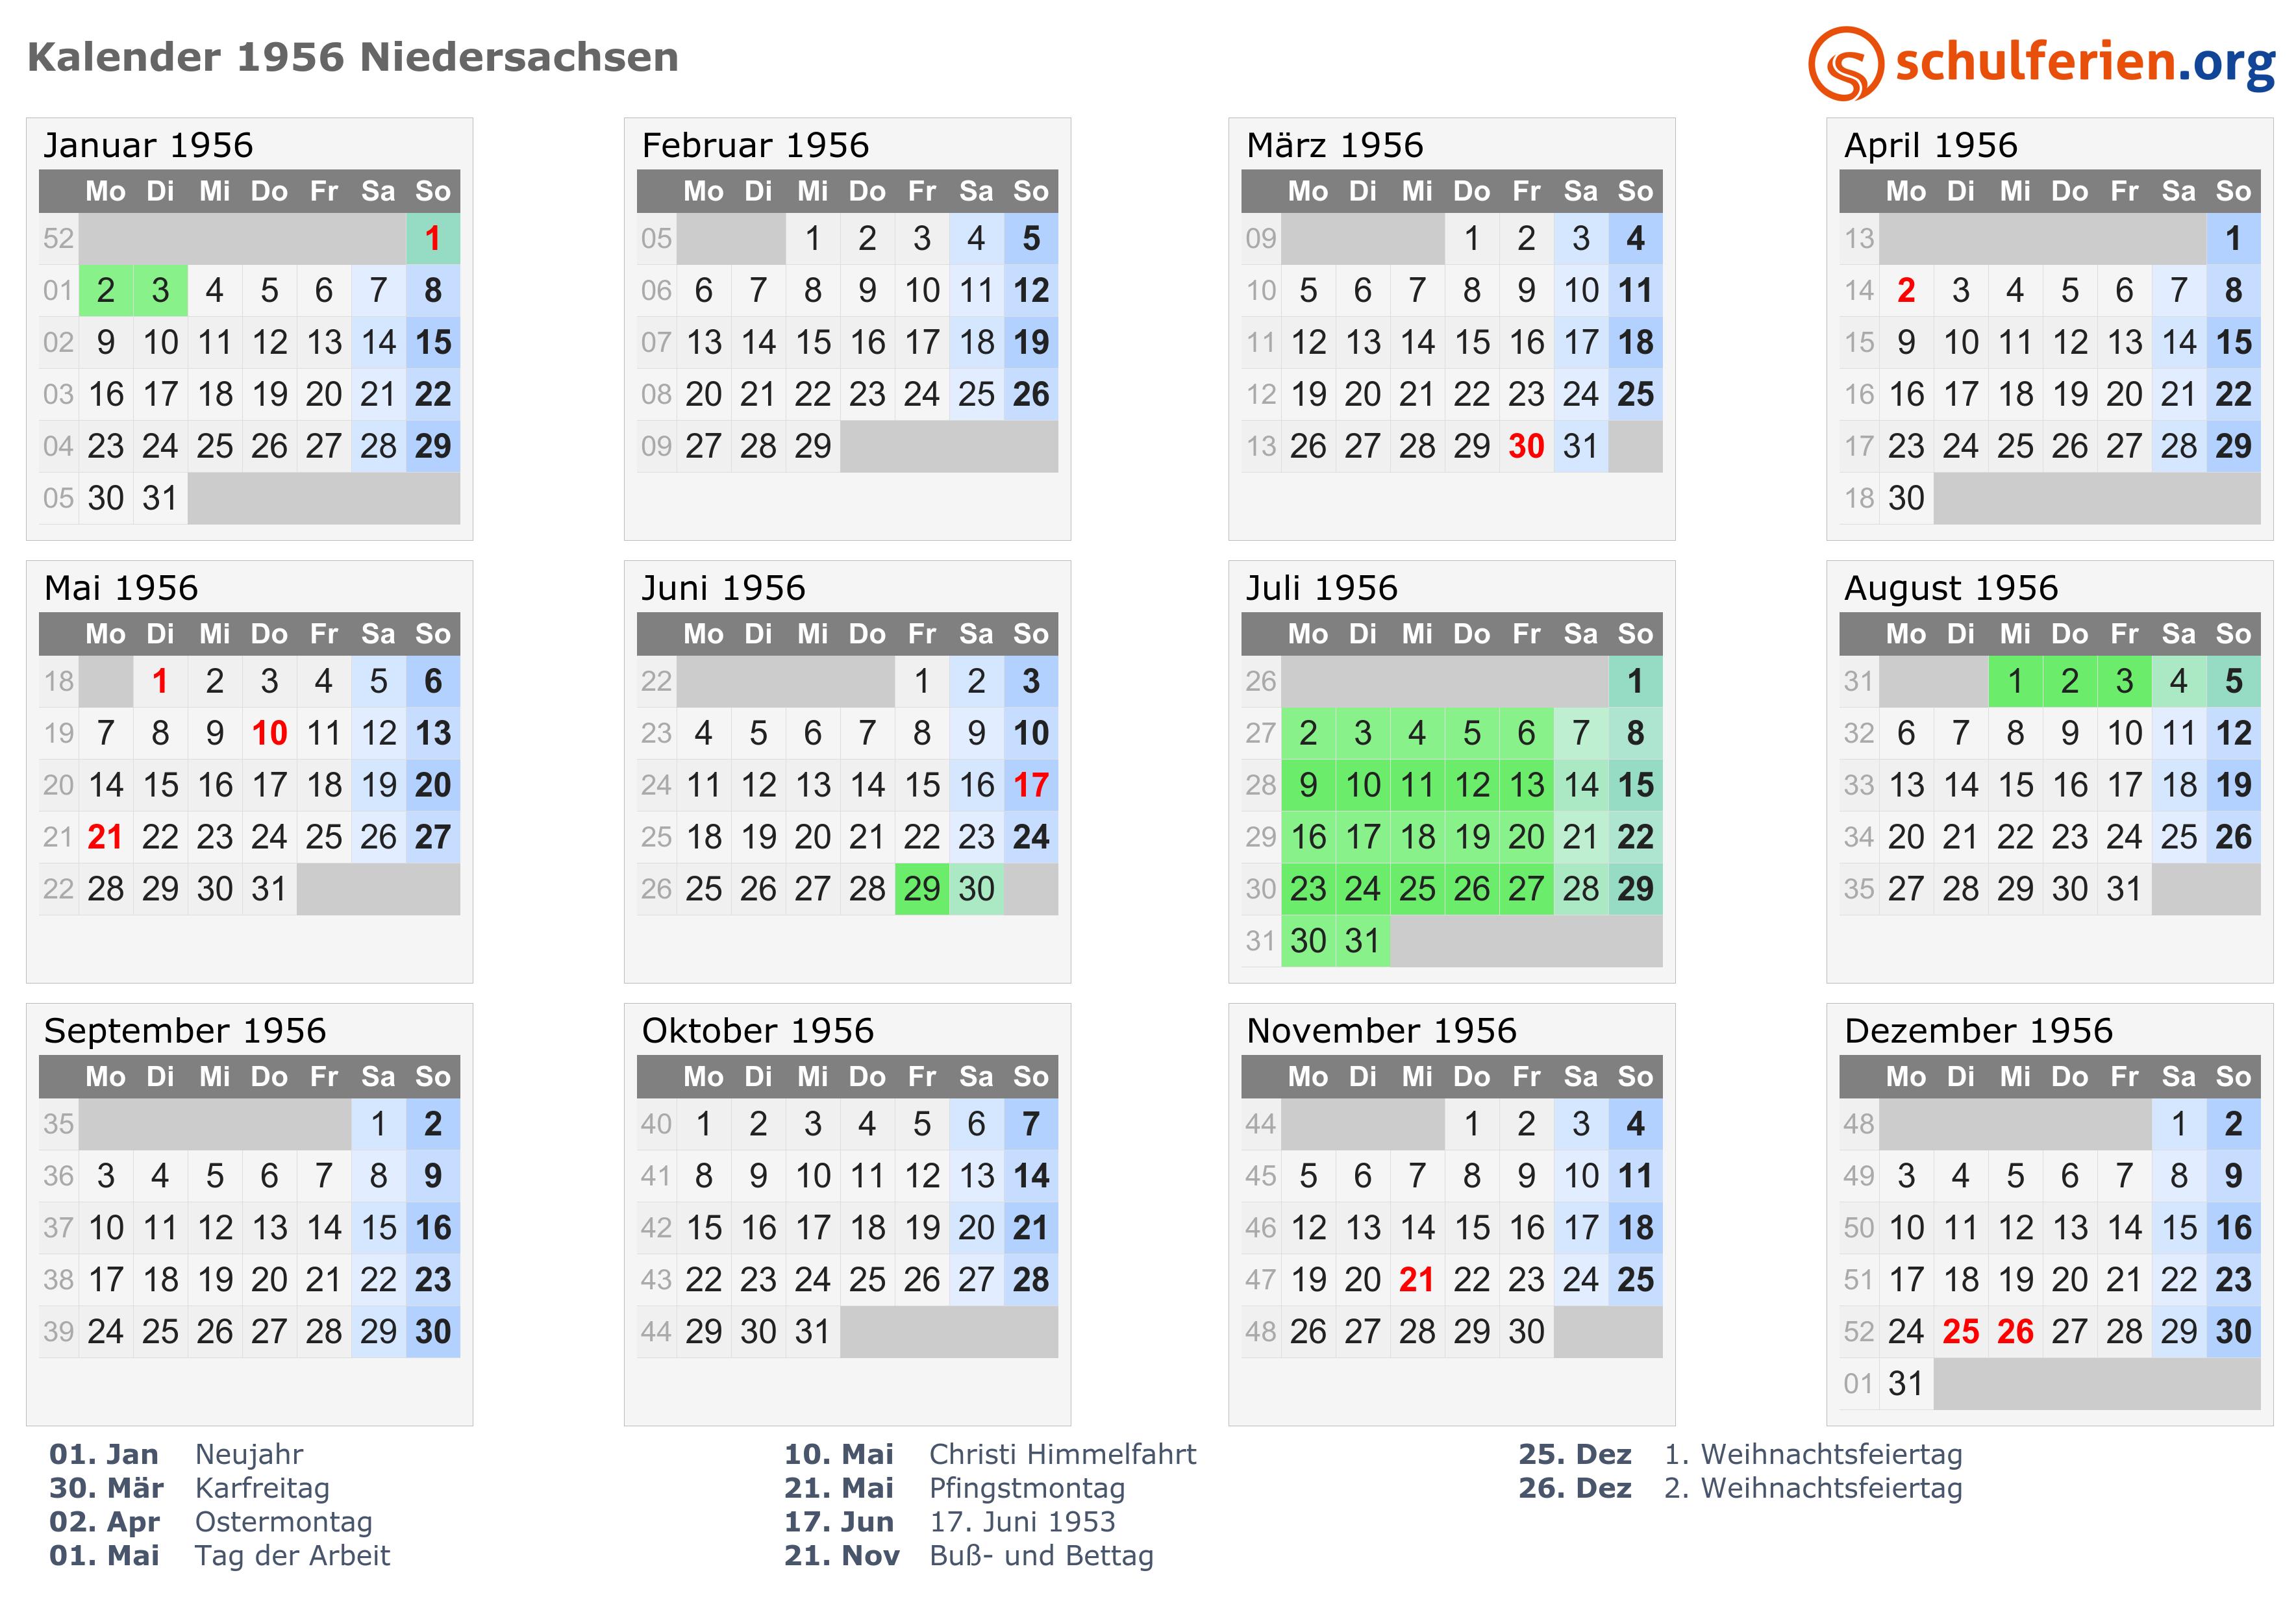 Kalender 1956 mit Ferien und Feiertagen Niedersachsen